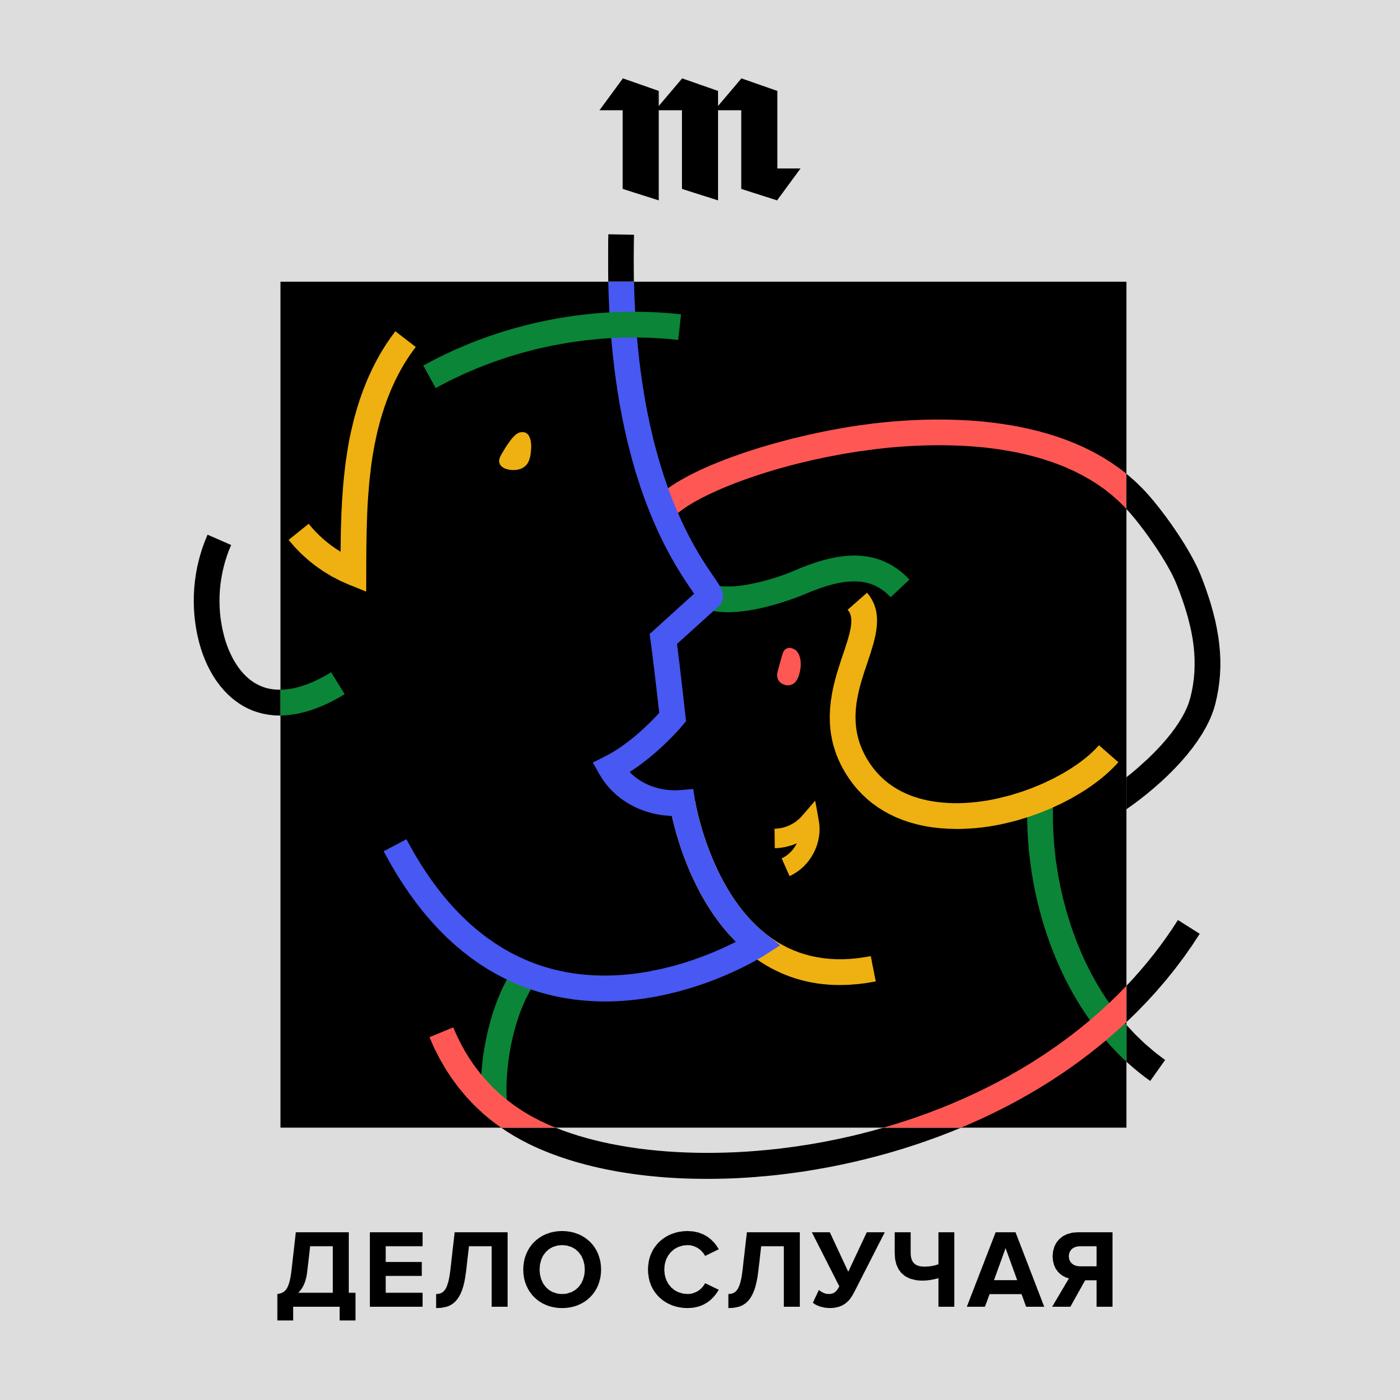 Андрей Бабицкий Какую дискриминацию мы одобряем? андрей бабицкий почему мы сочувствуем роботам но не всем